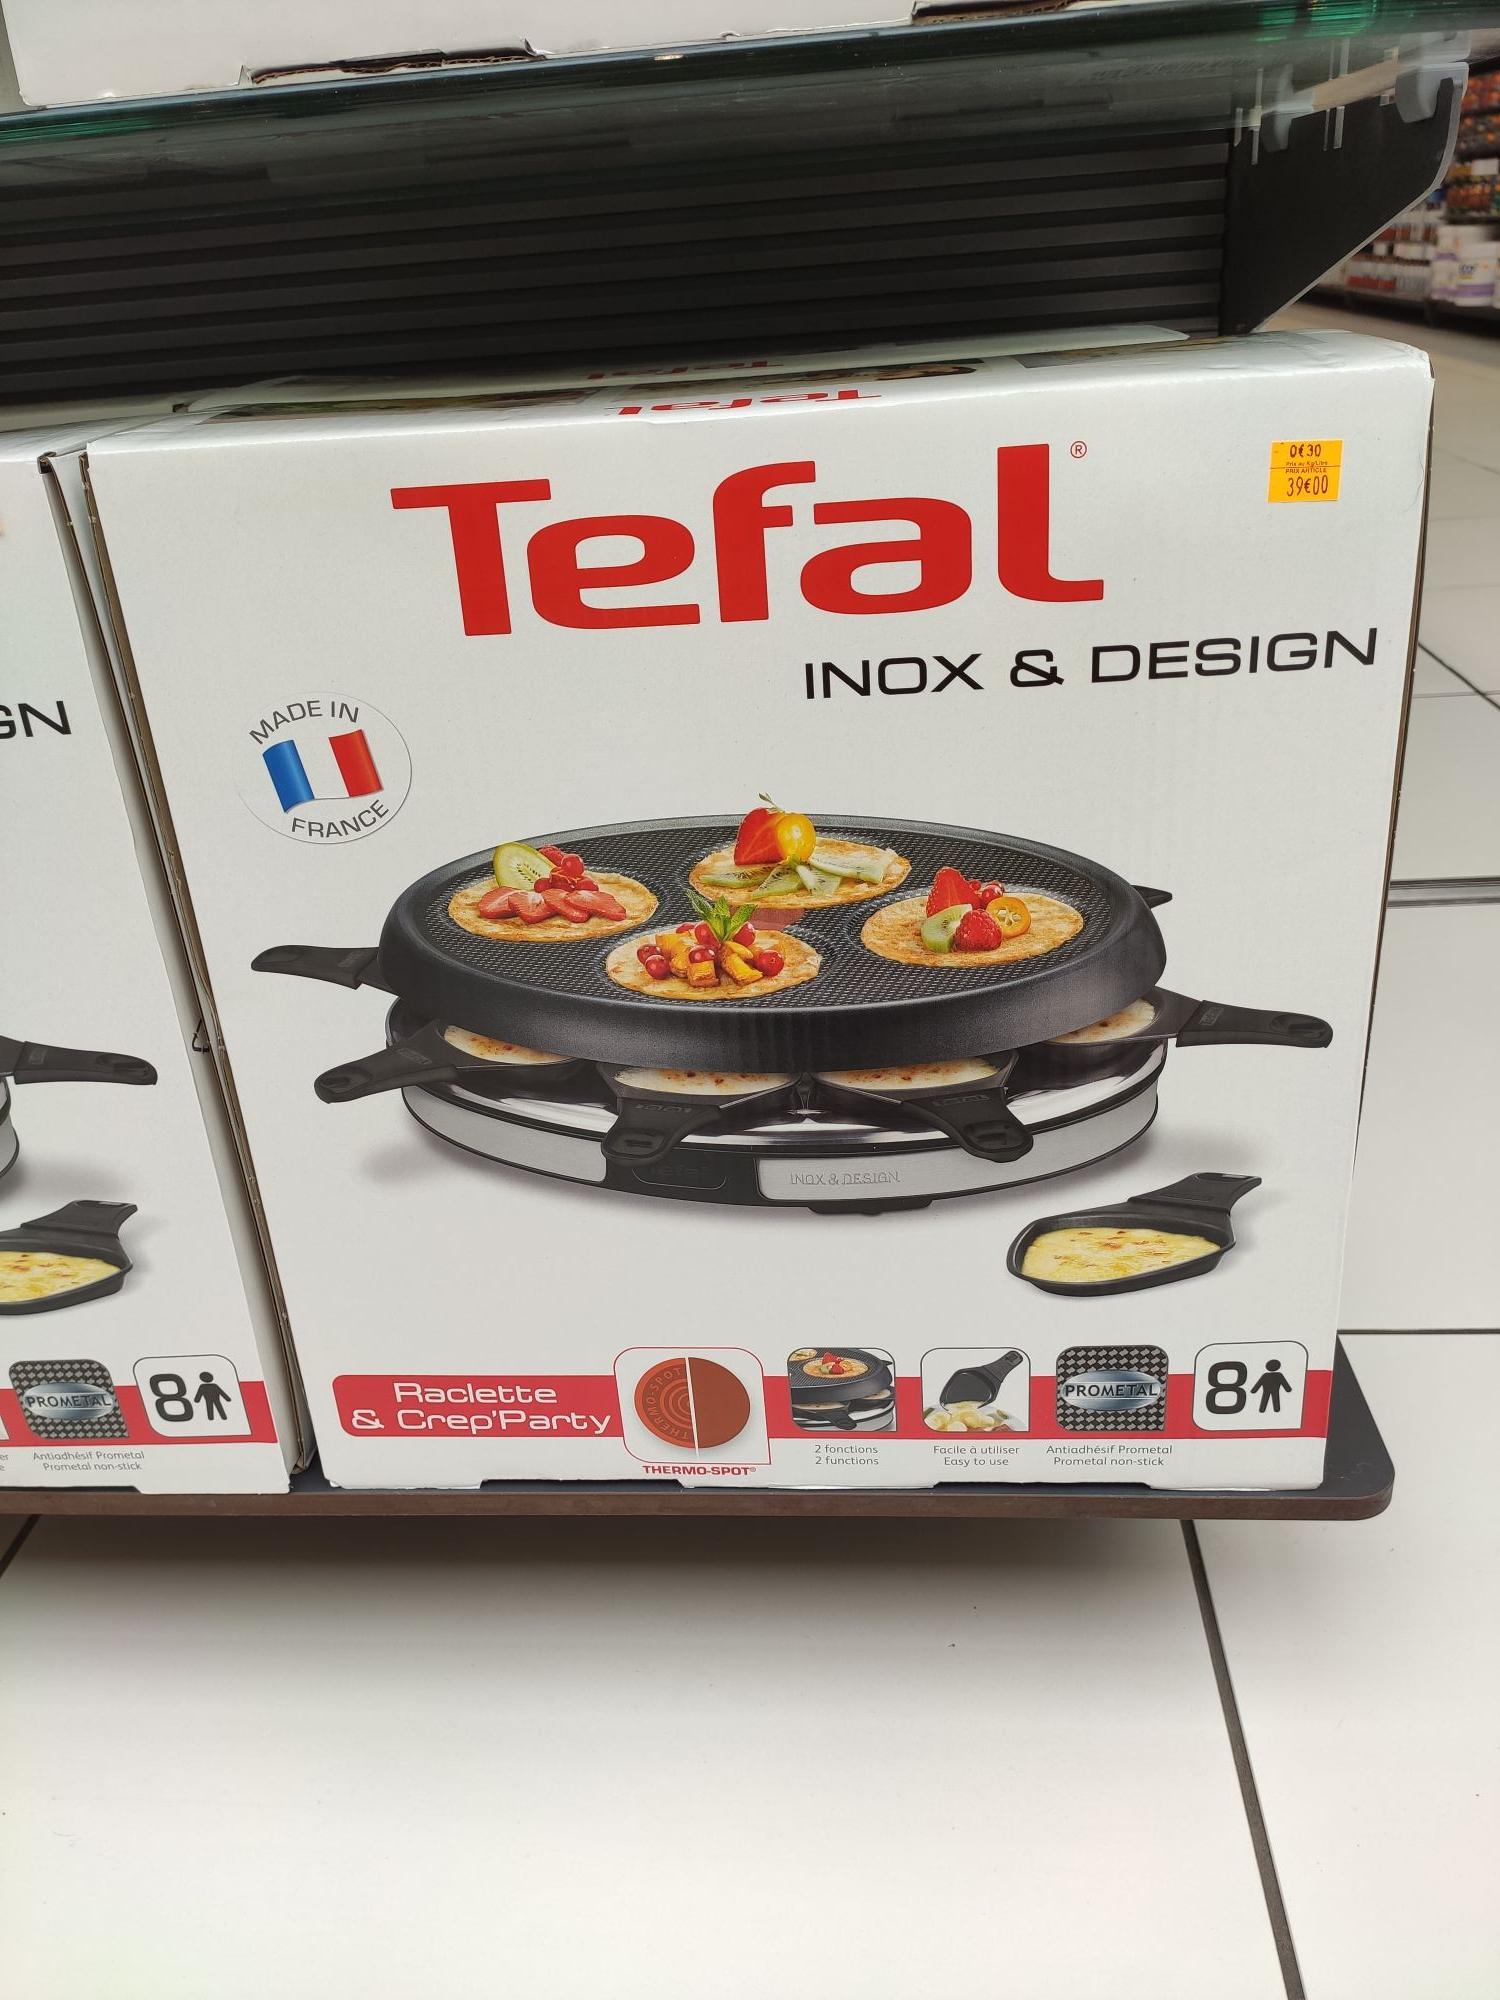 Raclette Crêpes Tefal Raclette et Crep'party - 8 personnes (Brezet 63)